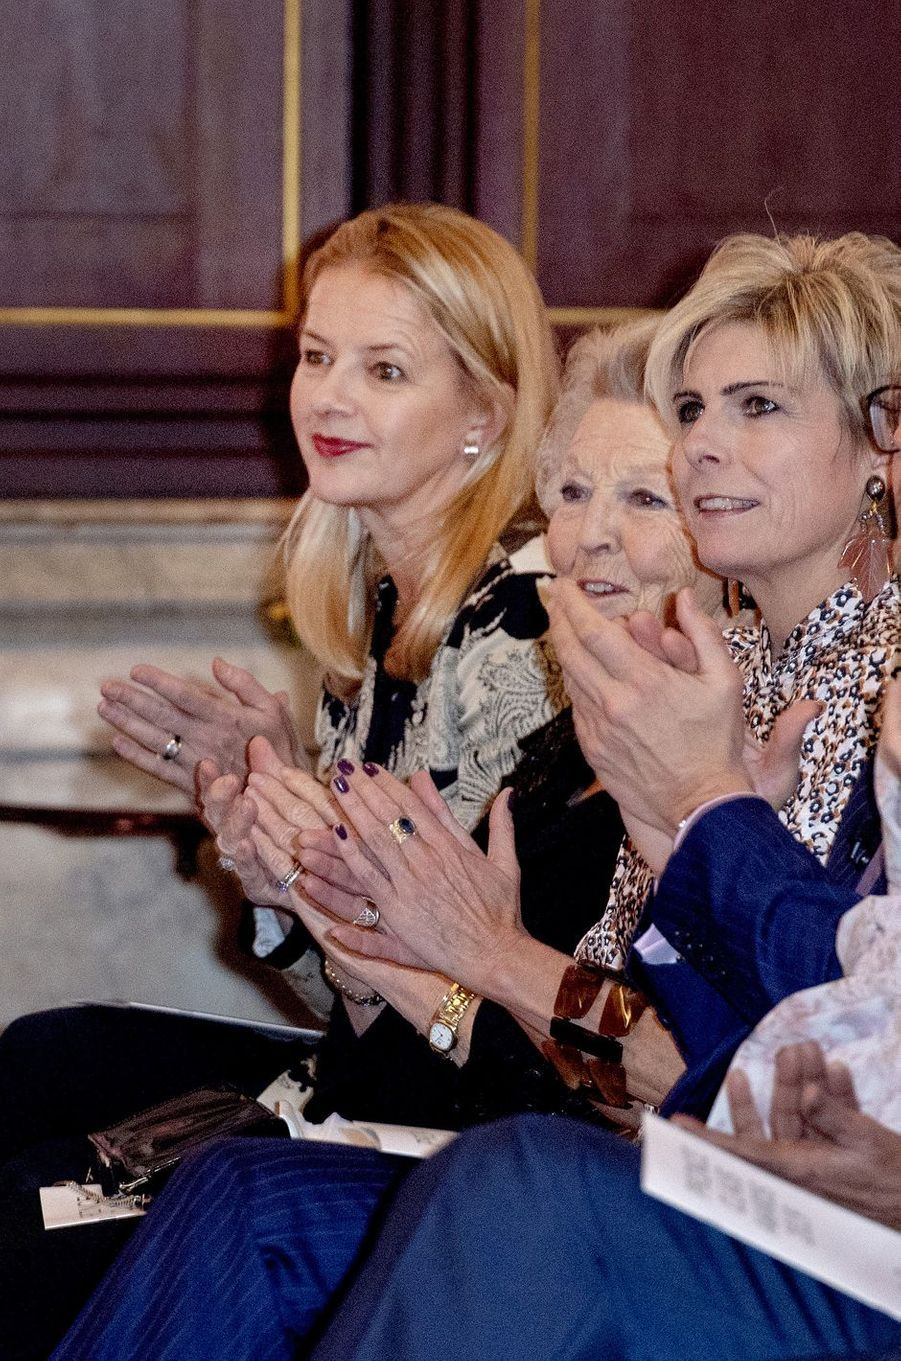 Les princesses Mabel, Beatrix et Laurentien des Pays-Bas à Amsterdam, le 4 décembre 2019